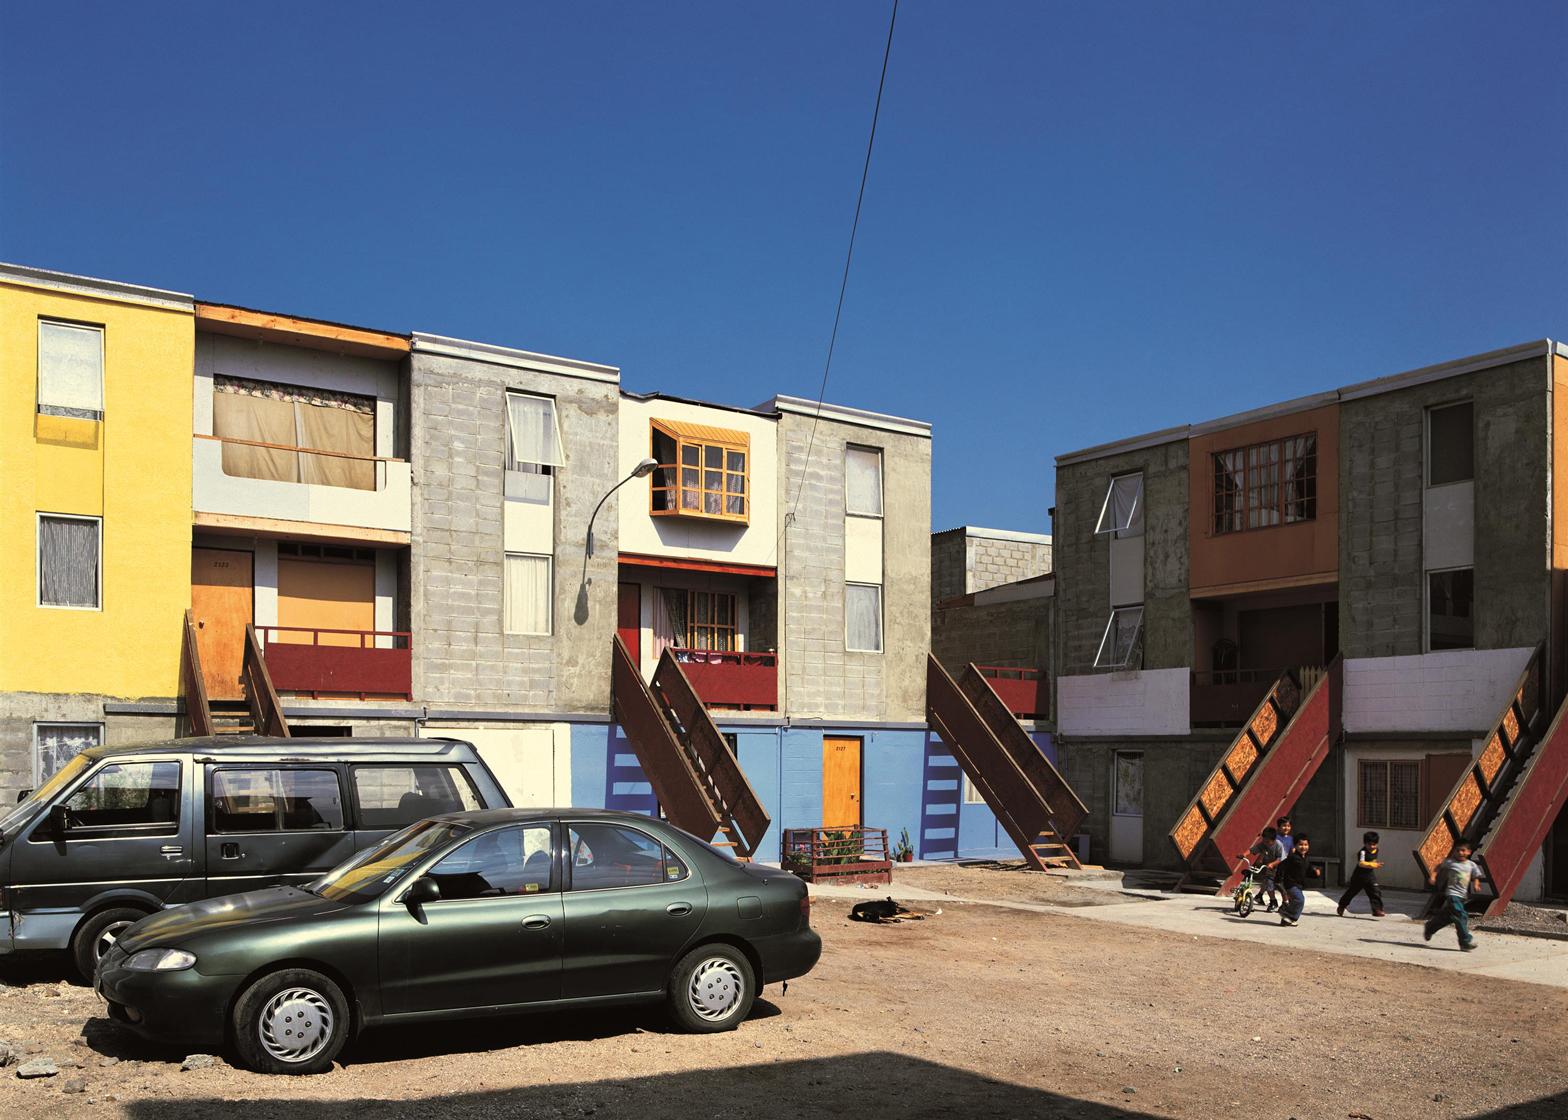 Quinta Monroy Housing, Iquique, 2004